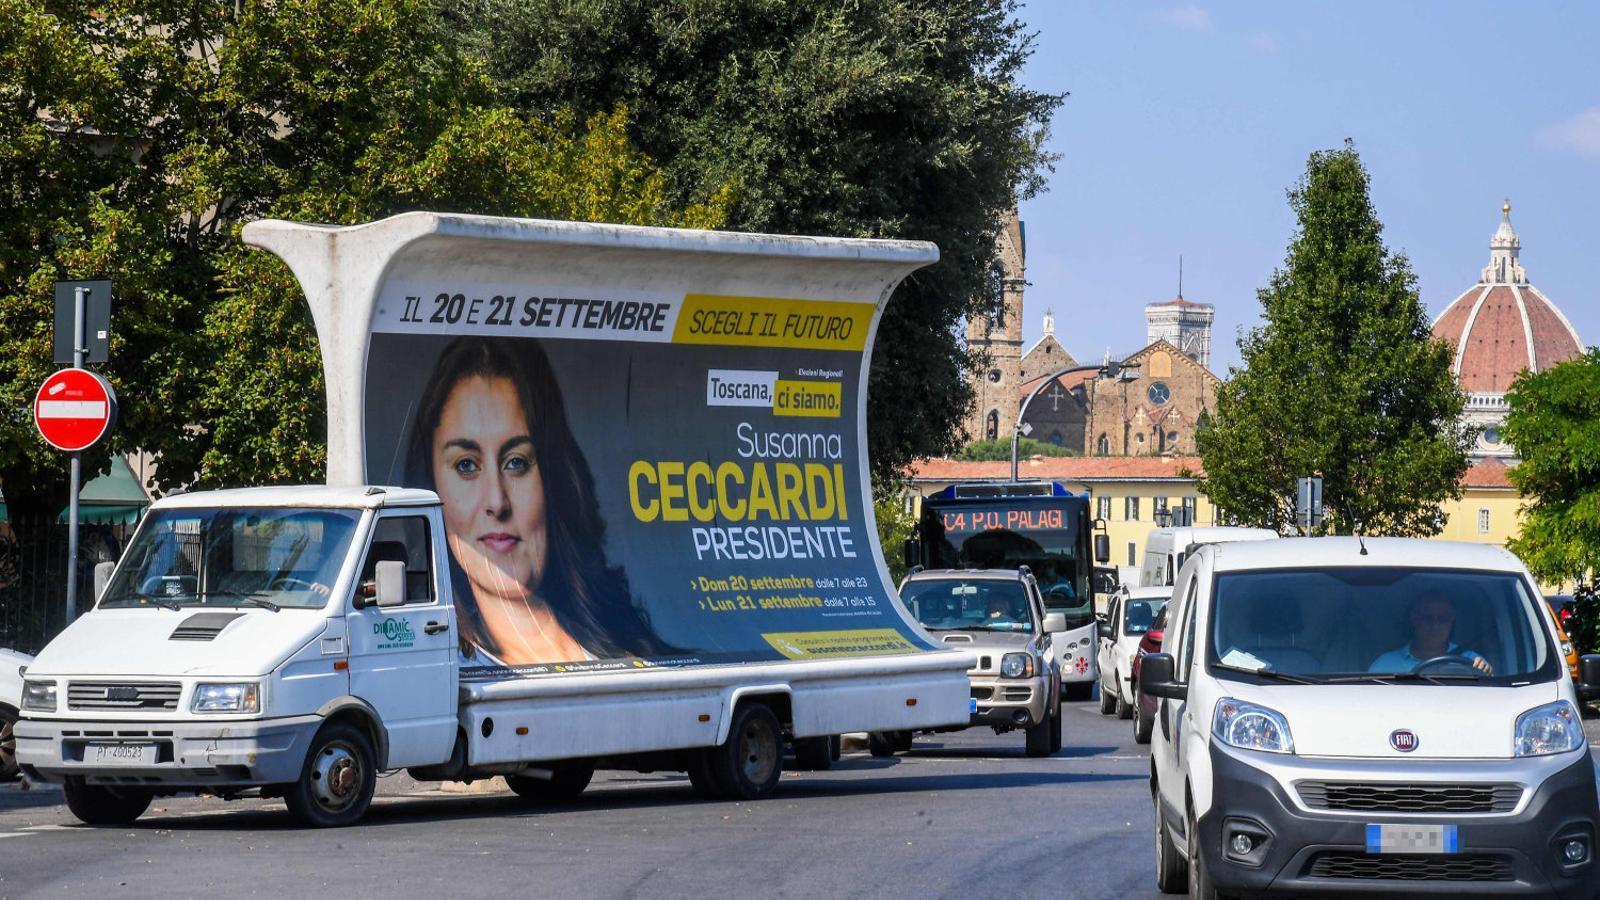 Les eleccions regionals, prova de foc per al govern italià